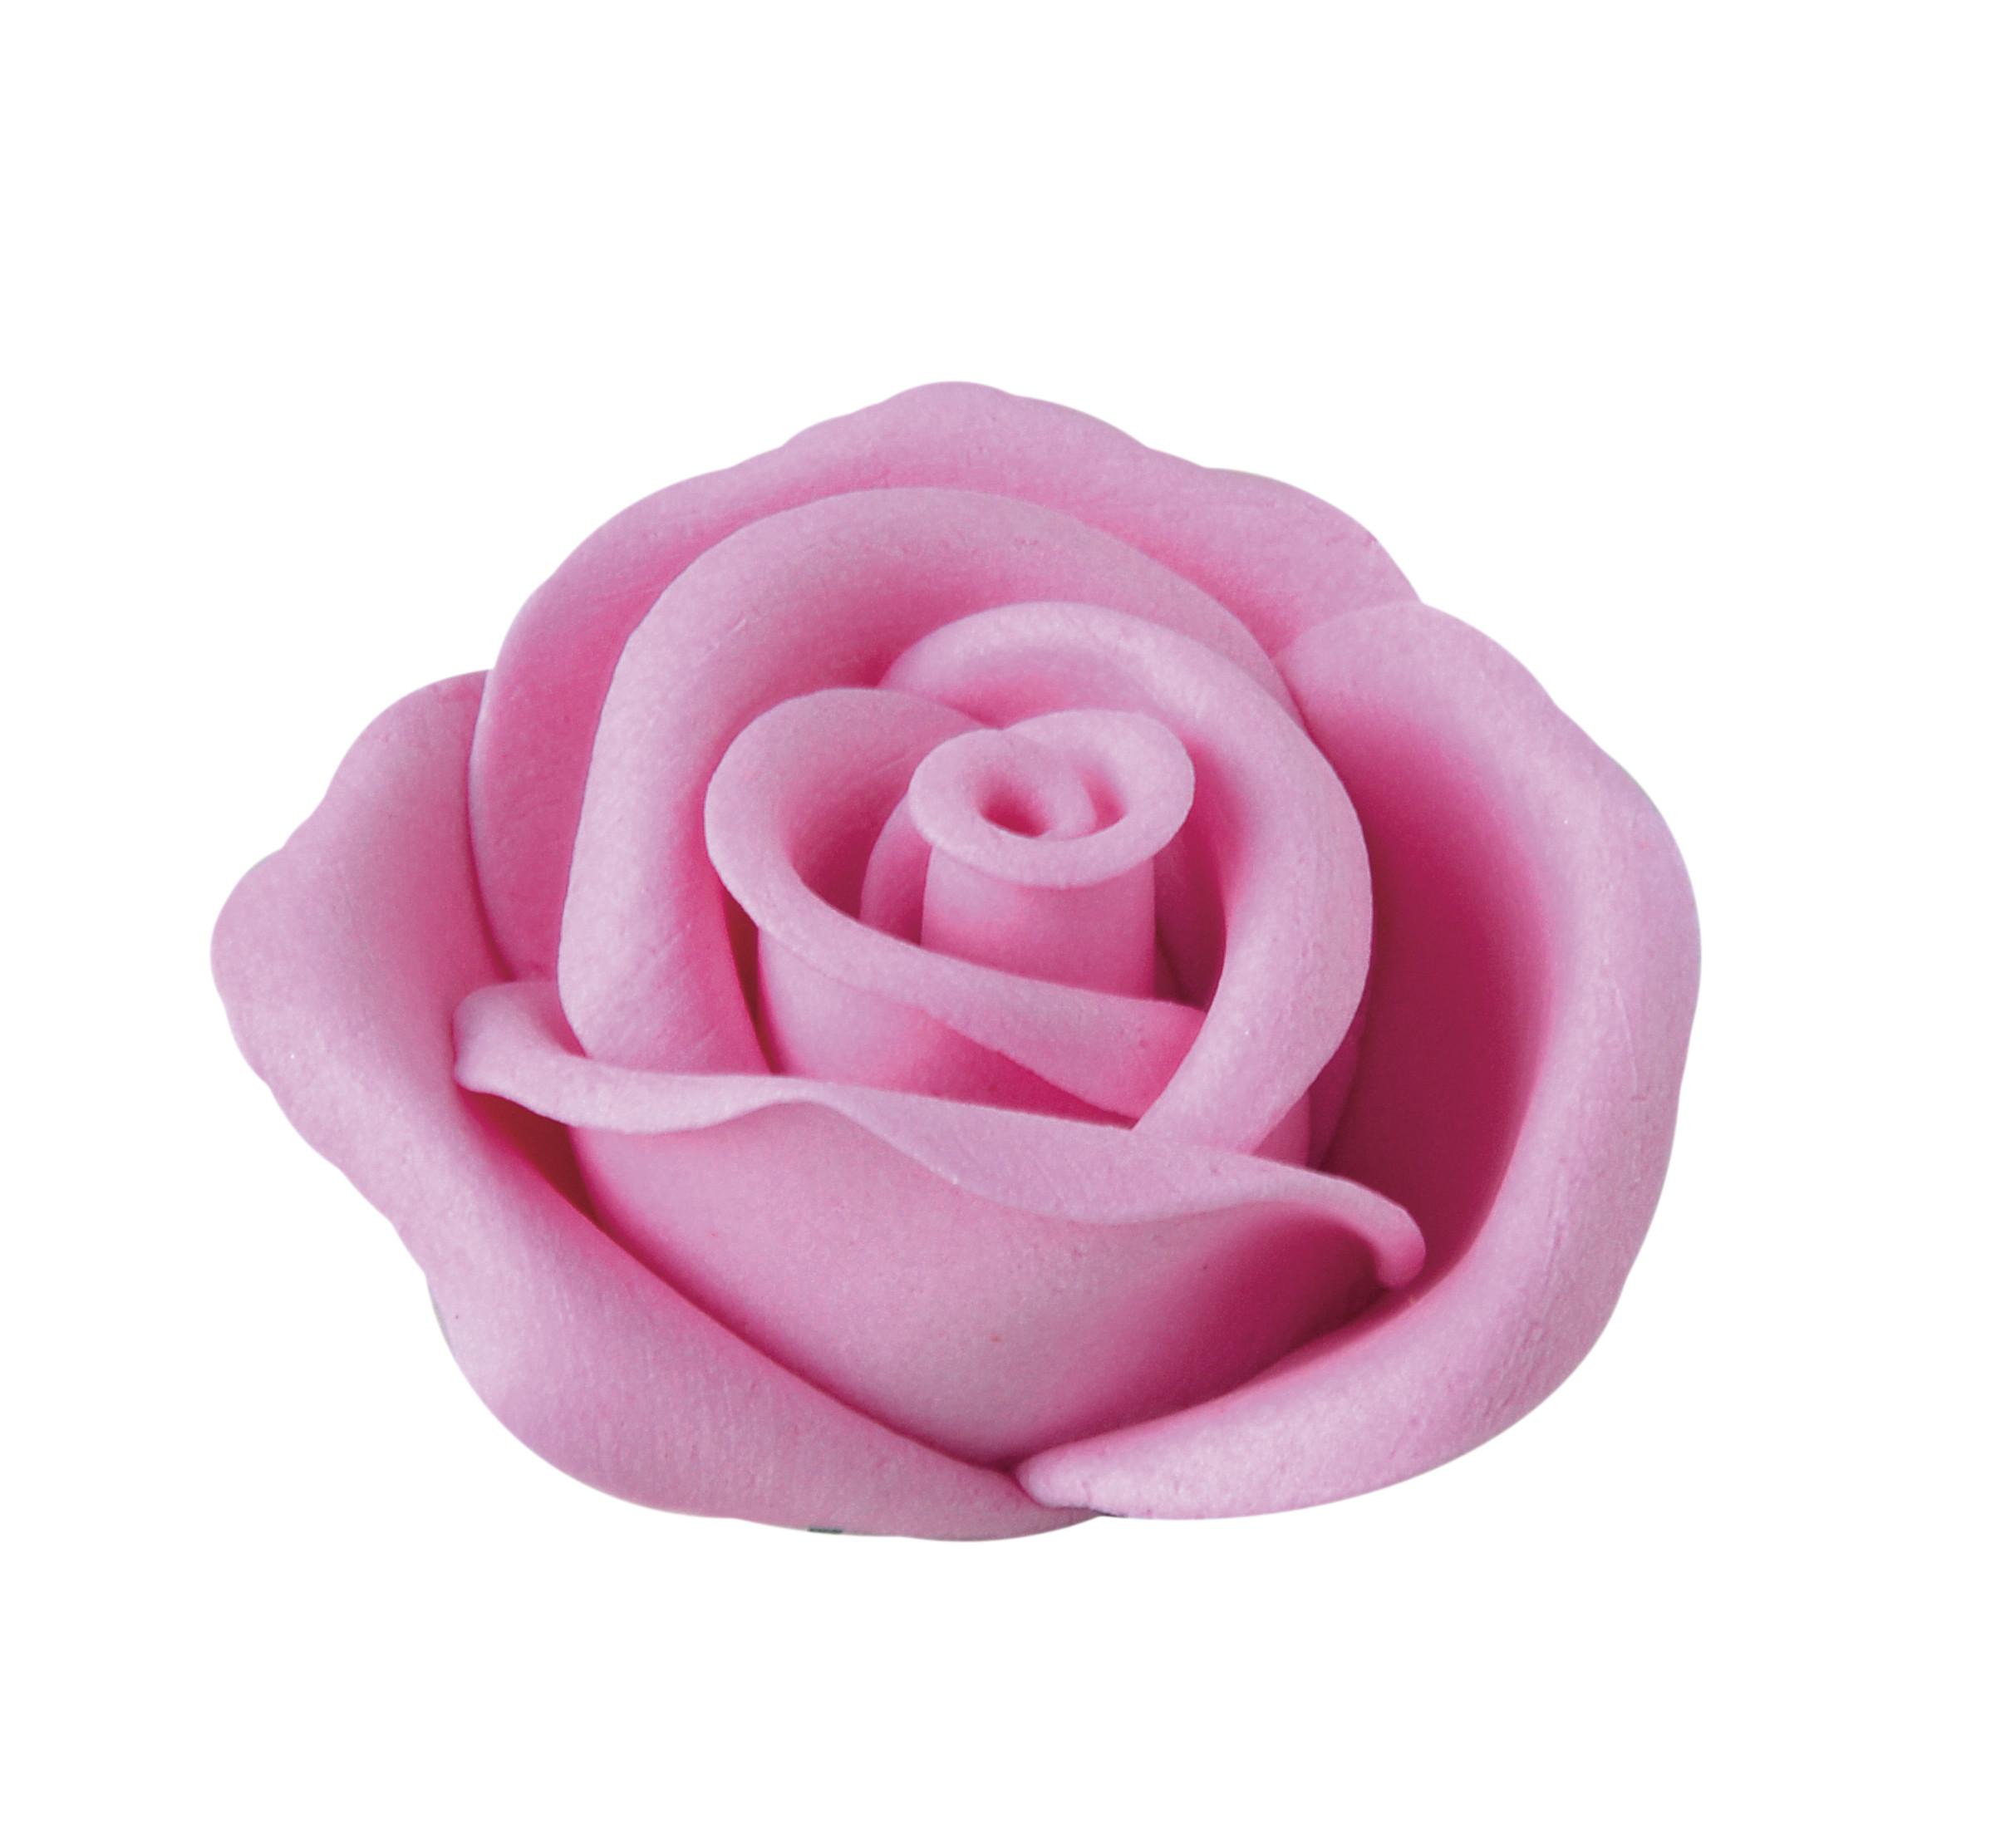 Trandafiri ROZ 6 buc/cutie DEK 0101